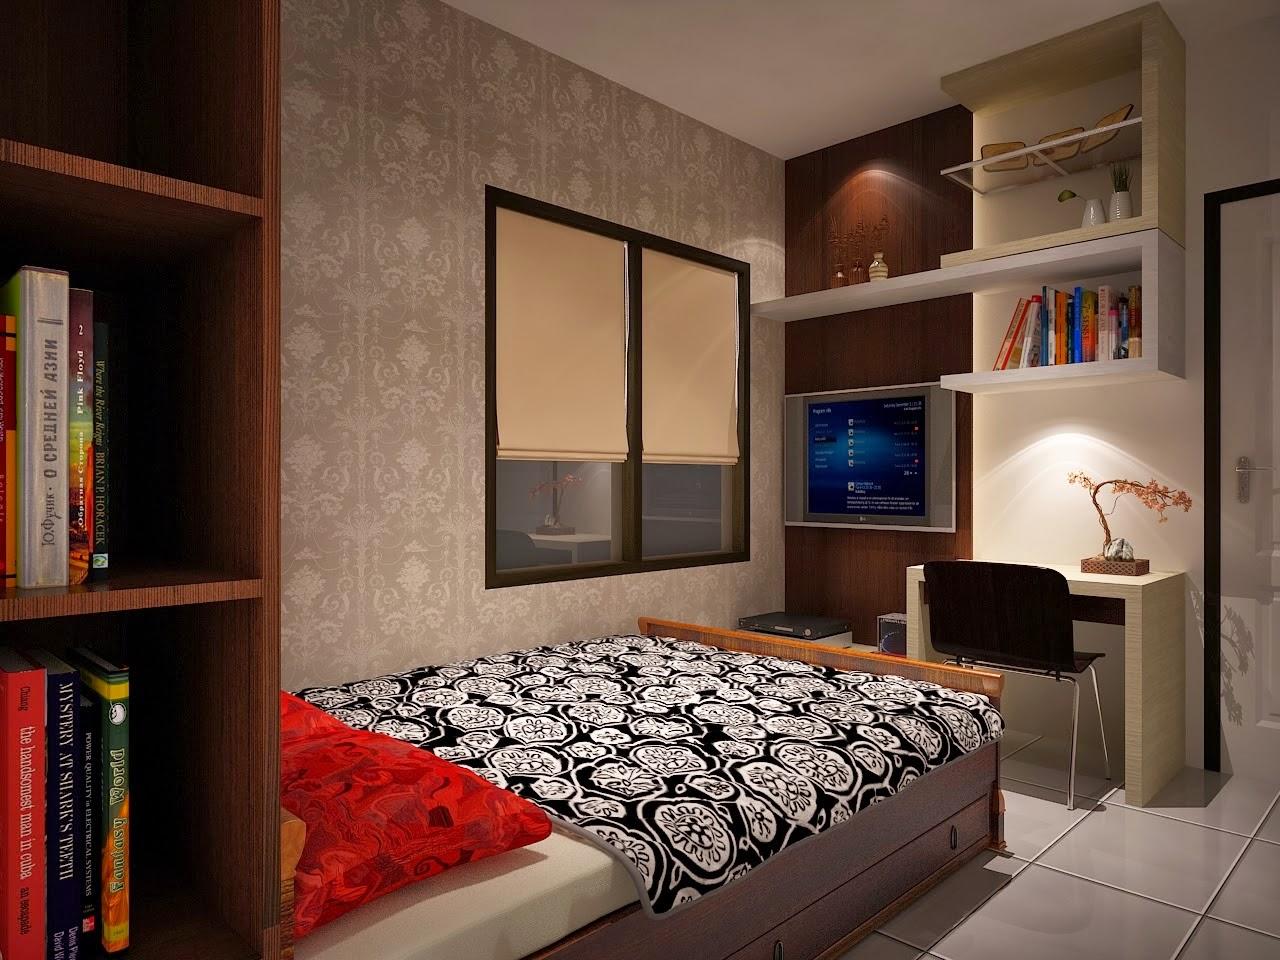 Desain interior apartemen di bandung 082120003650 jasa for Design apartemen 2 kamar